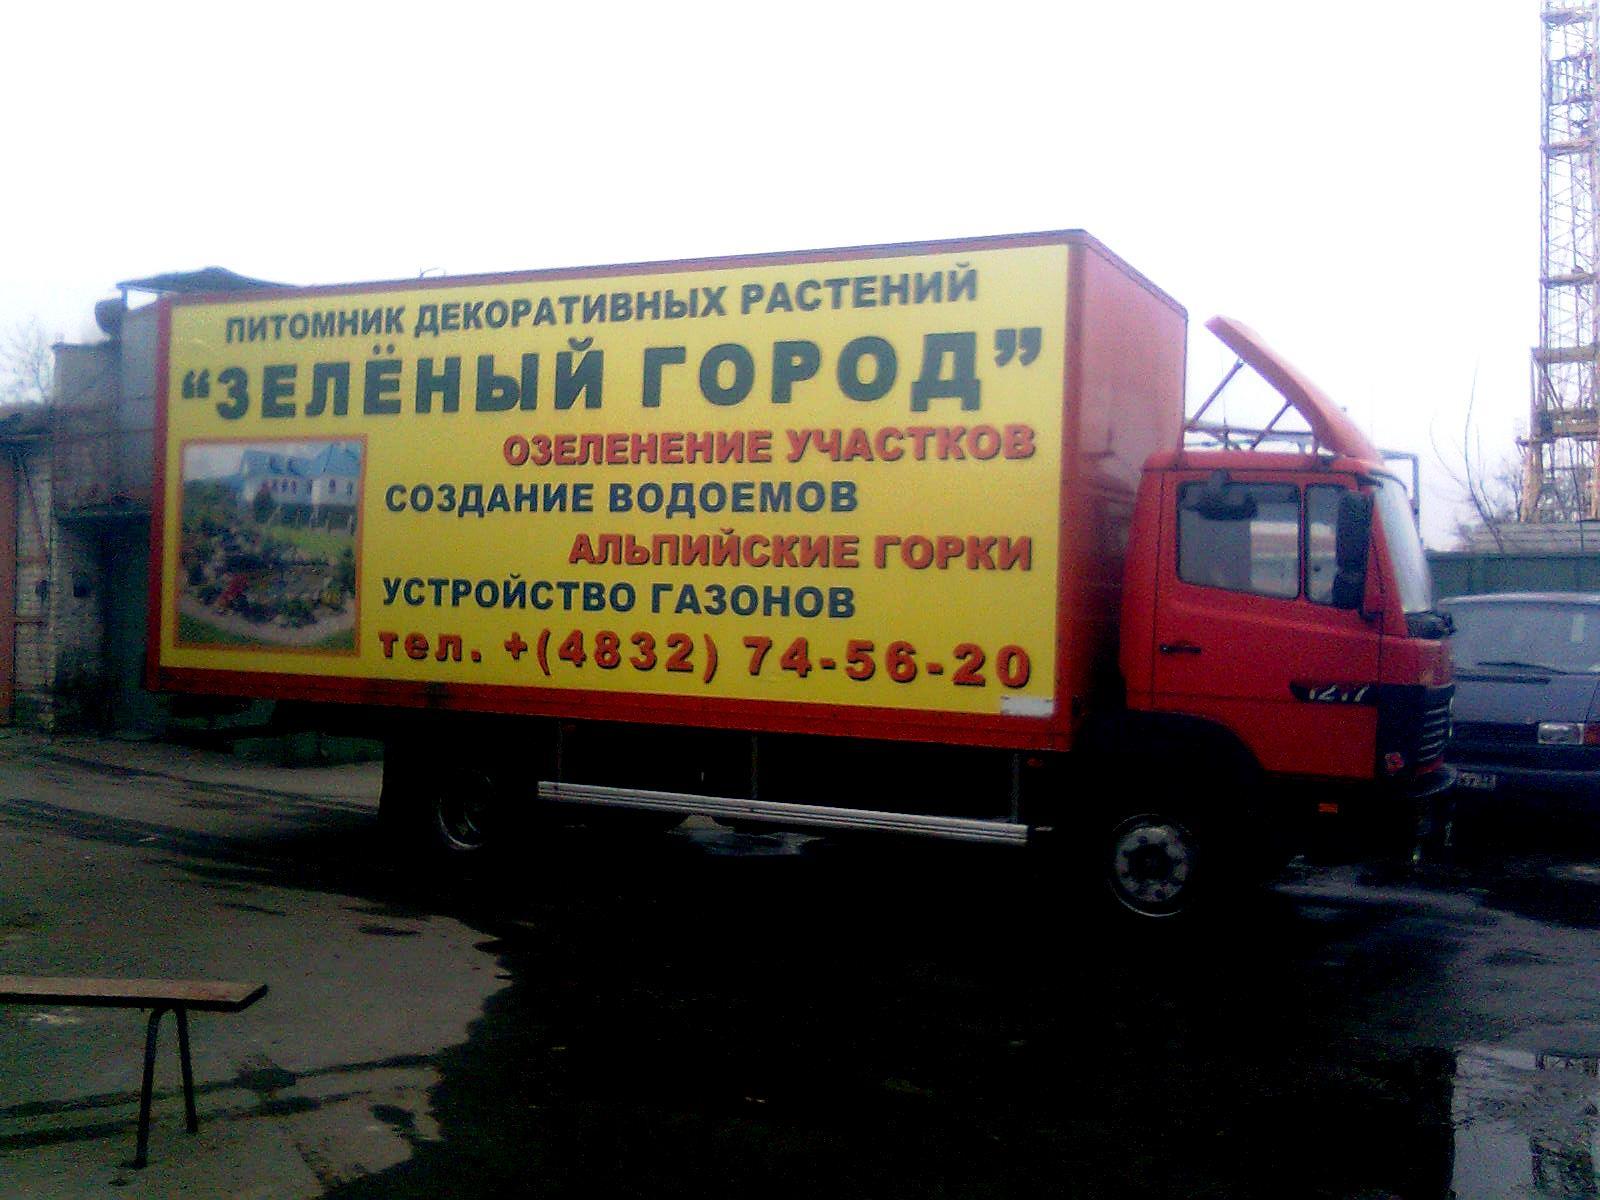 зеленый город, брендирование авто, Вавилон32, Брянск